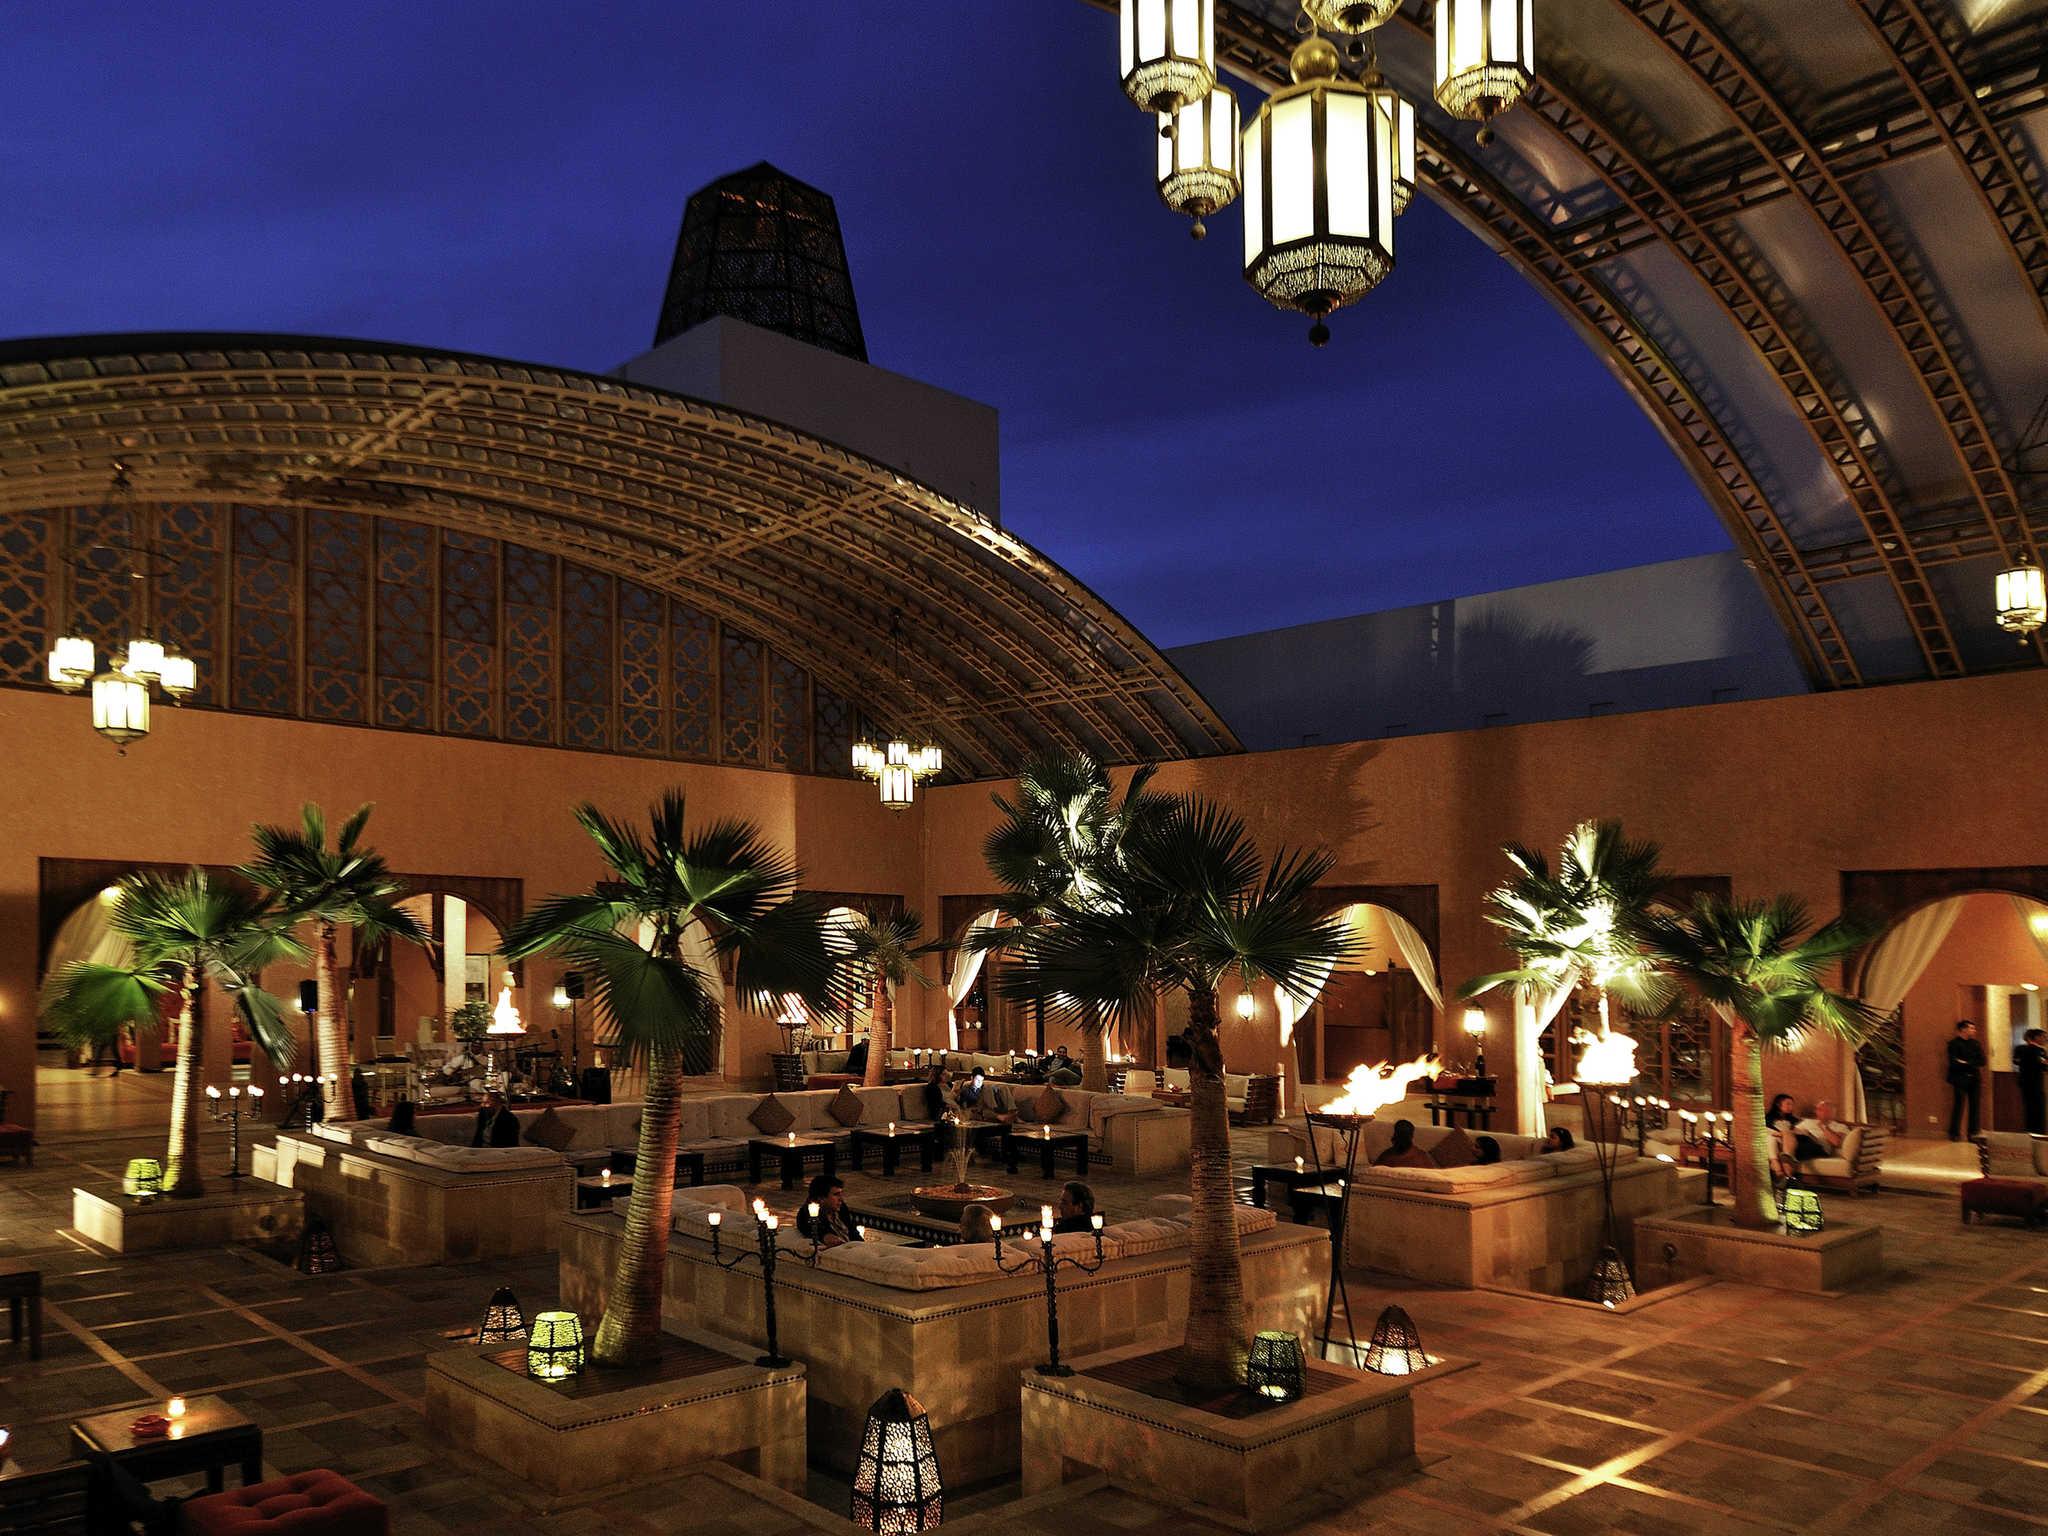 酒店 – 阿加迪尔皇家海湾索菲特度假酒店